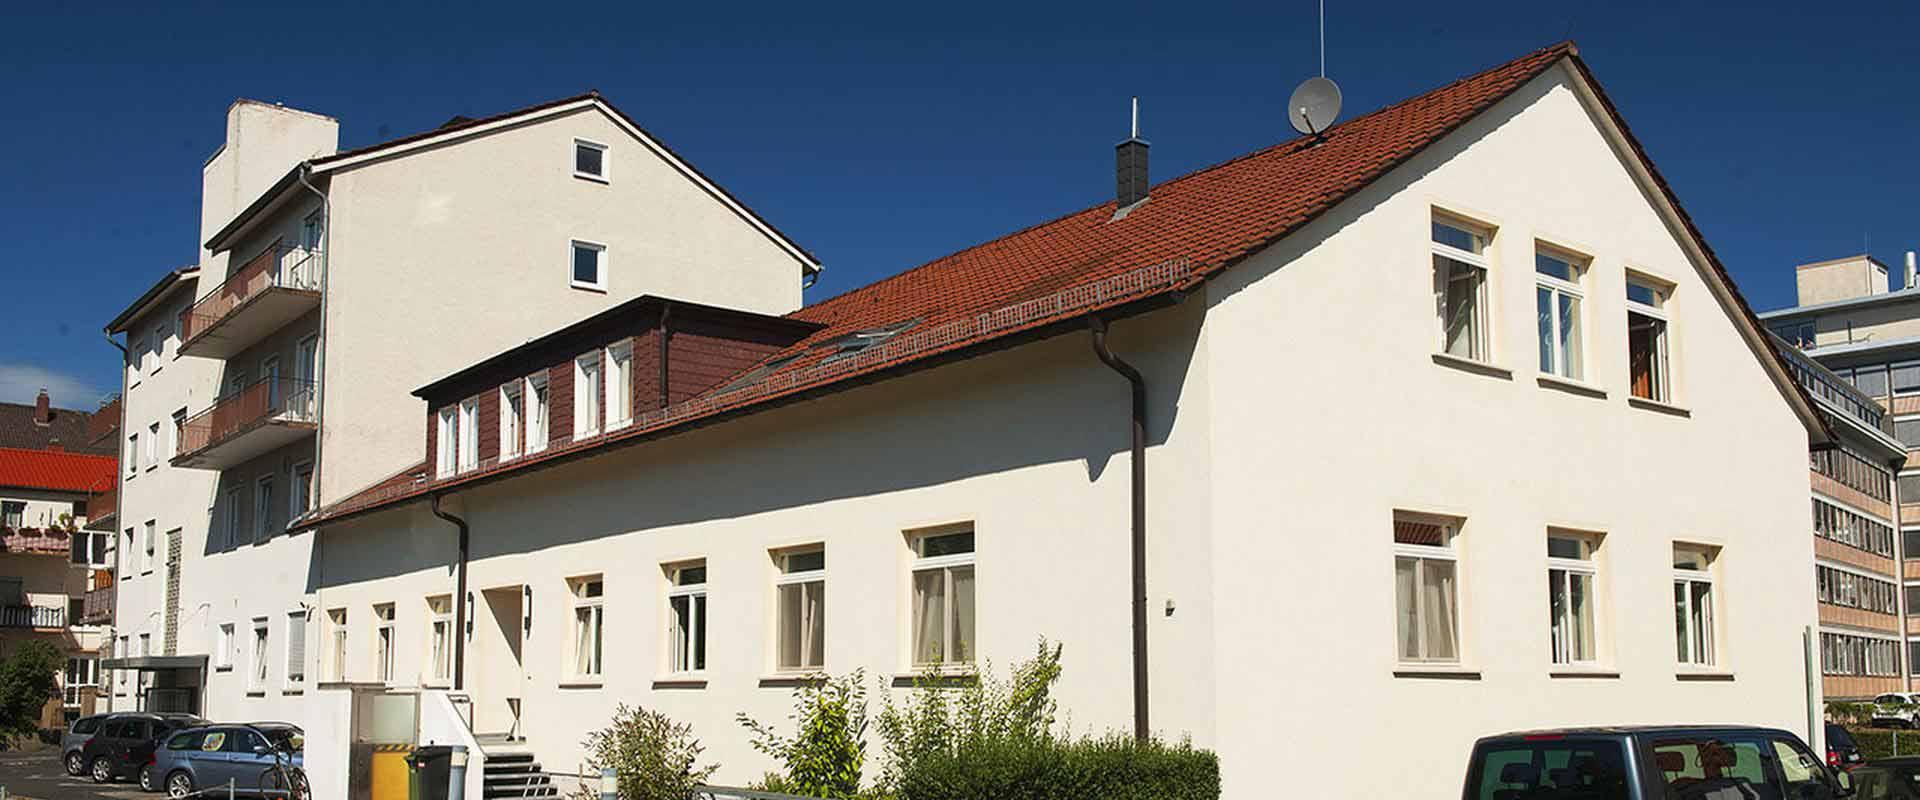 Gebäude der MEDIAN Tagesklinik Neustadt an der Weinstraße